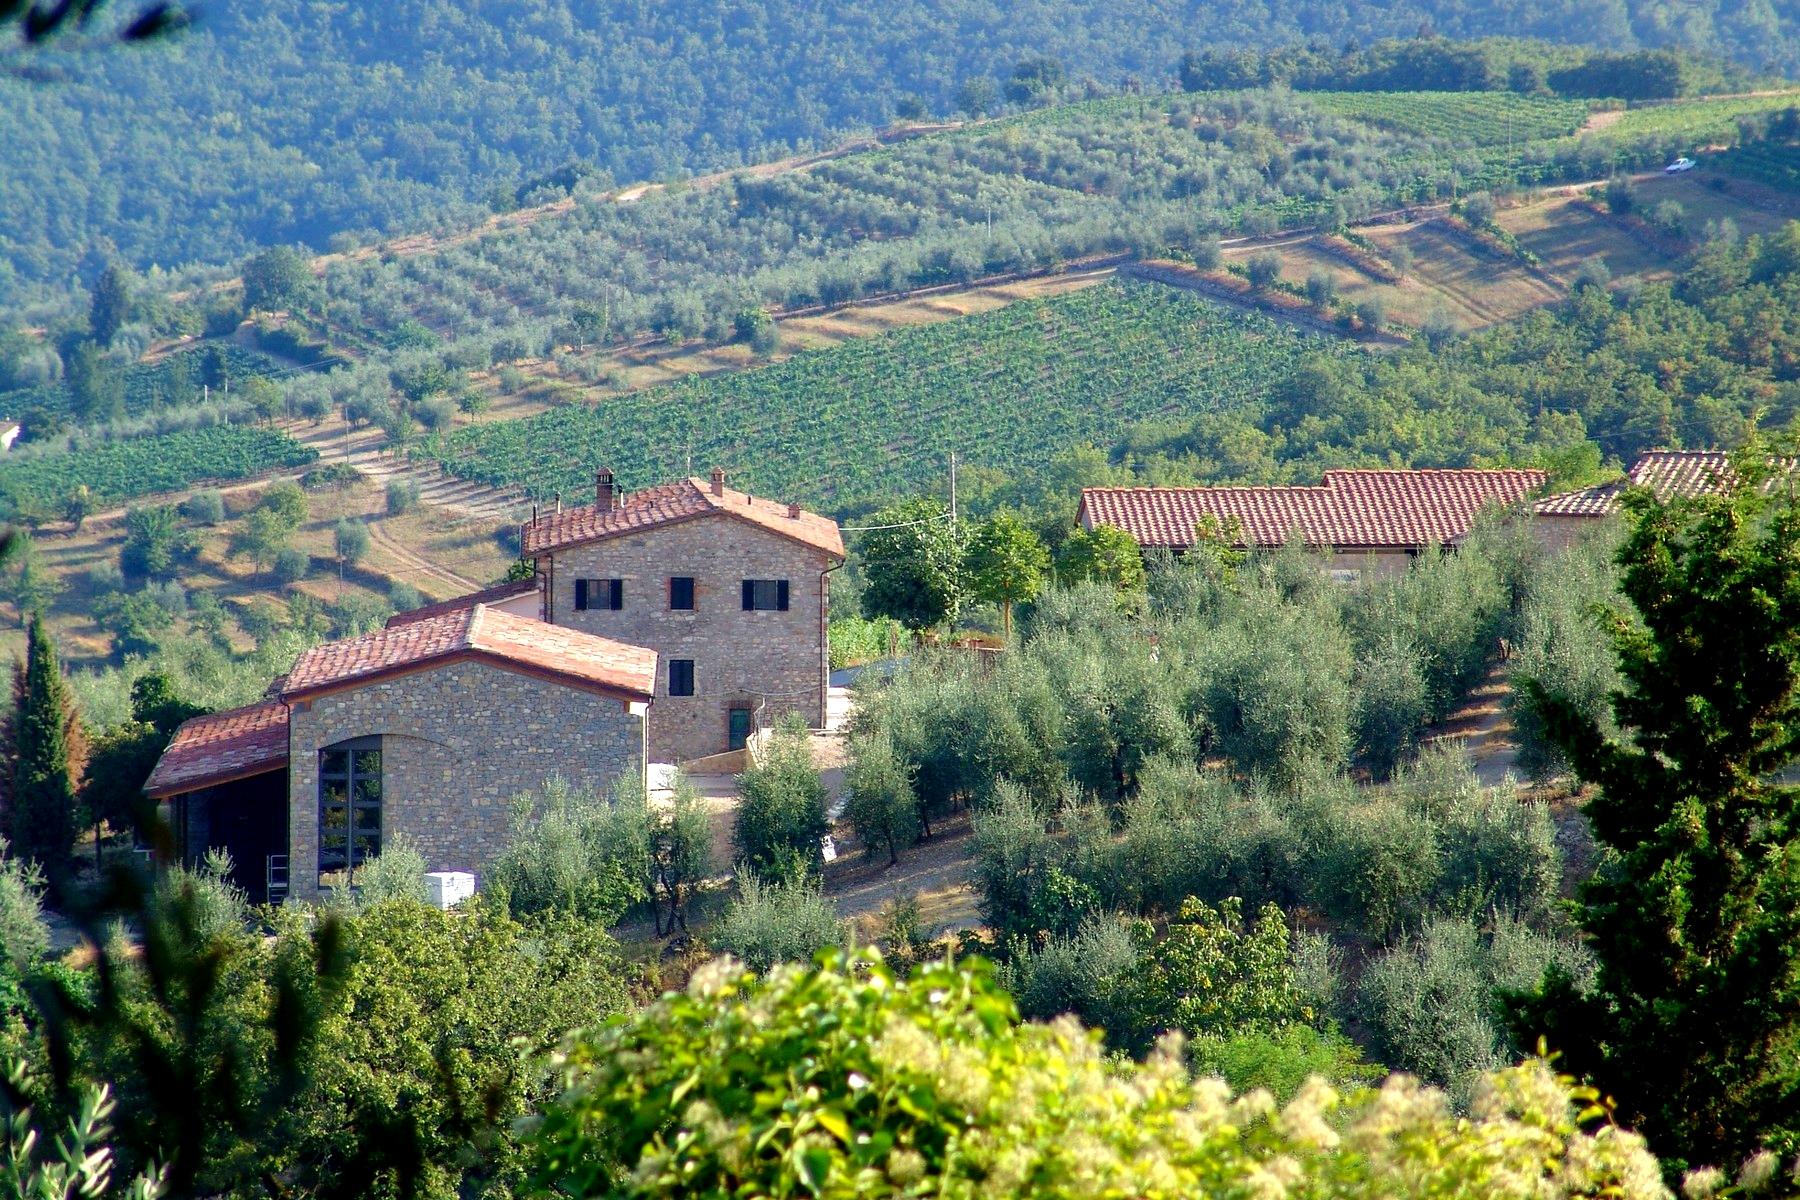 Rustico in Vendita a Gaiole In Chianti: 5 locali, 1380 mq